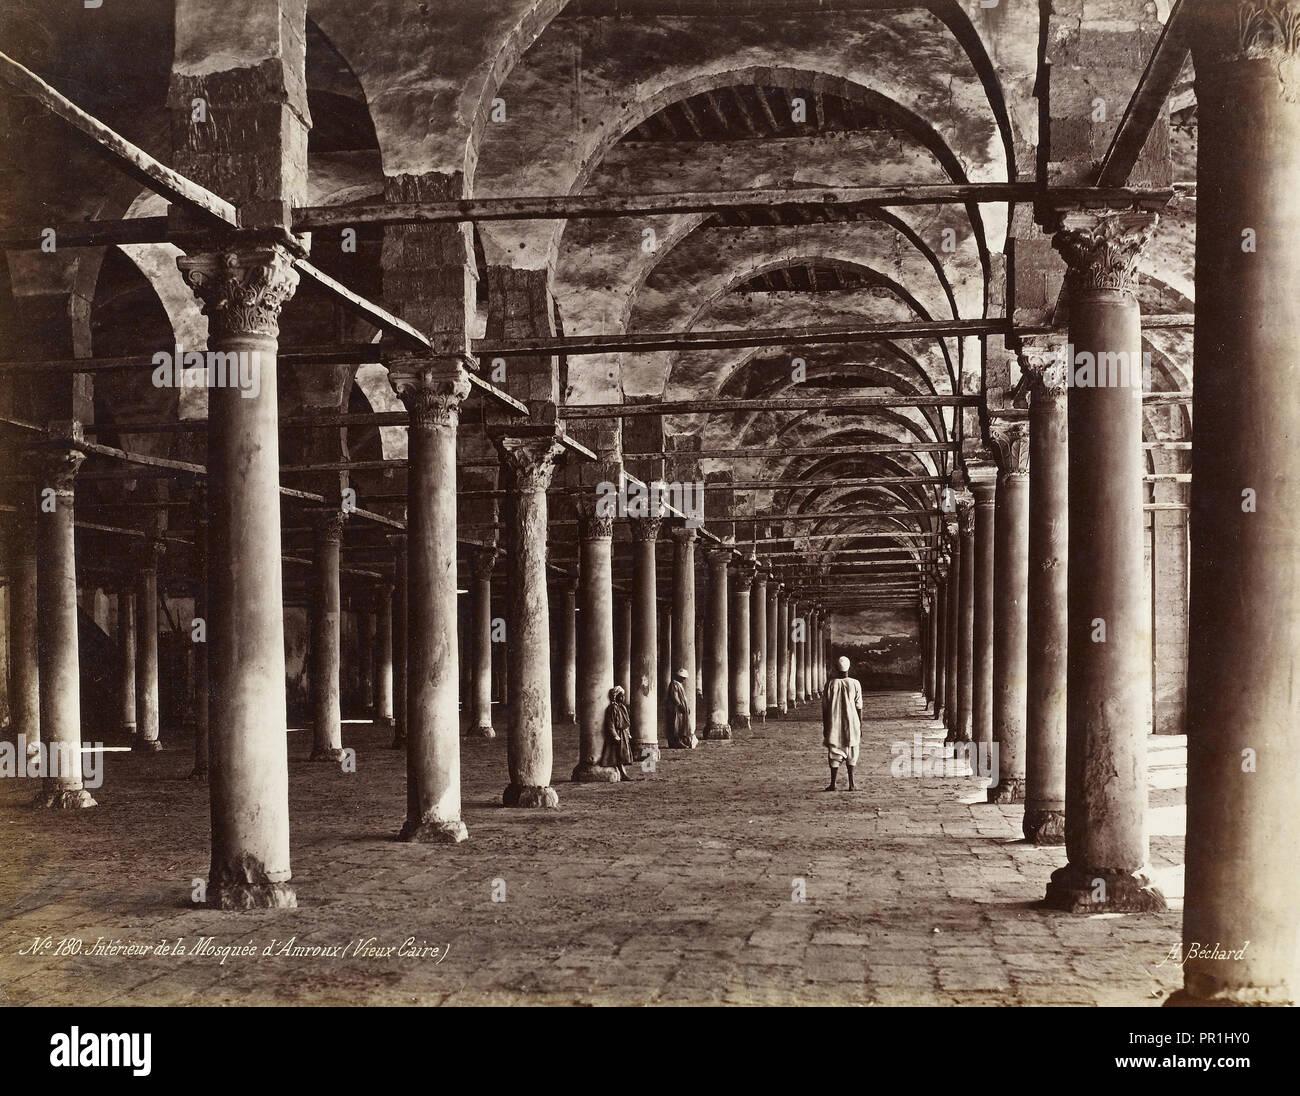 Intérieur de la Mosquée d'Amroux, Vieux Caire), Orientalist Fotografie, Béchard, Emile, Ca. 1870-1879, H. Béchard Signatur Stockbild